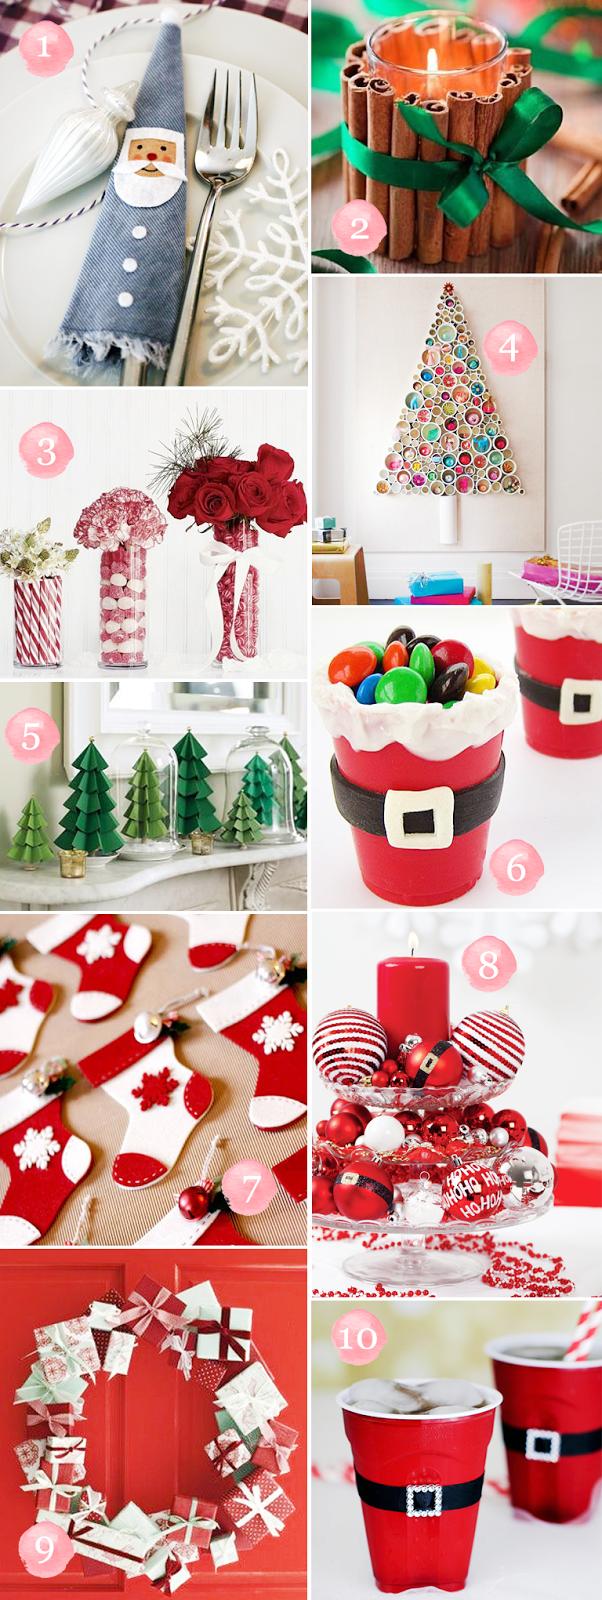 Enfim, resolvido!: Como decorar a casa para o natal gastando pouco